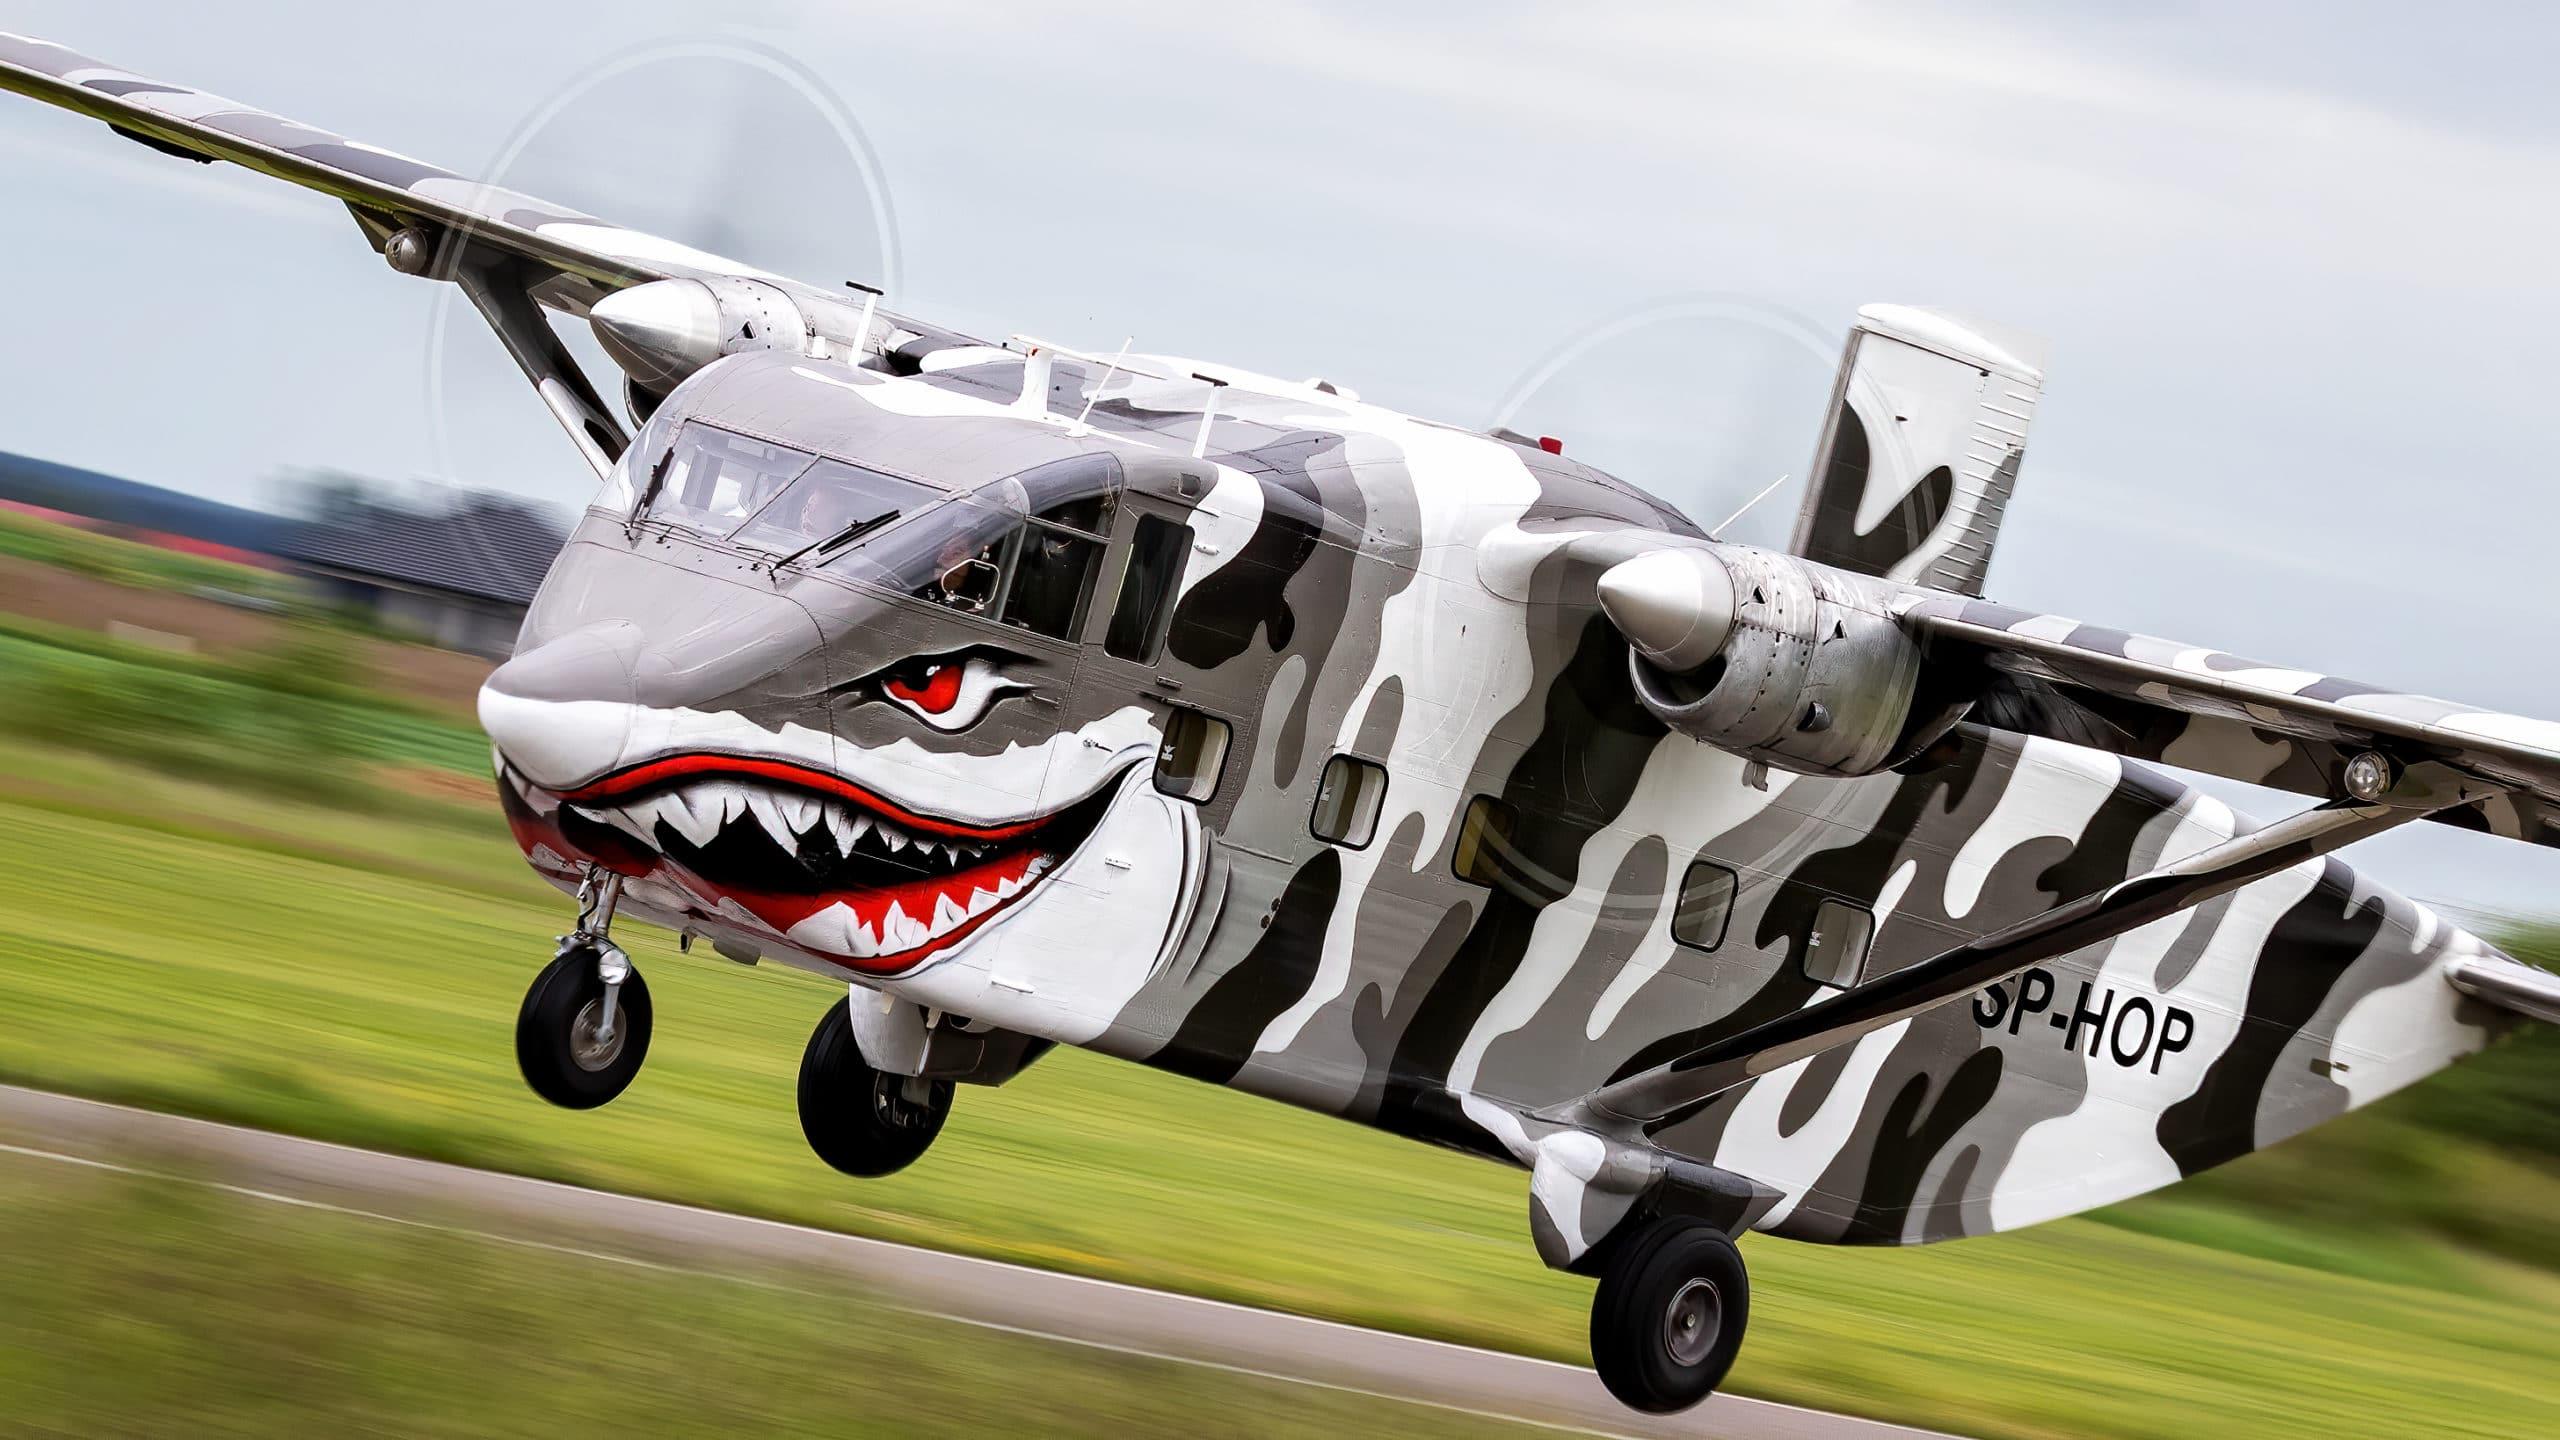 IMG 0030 scaled - Samolot